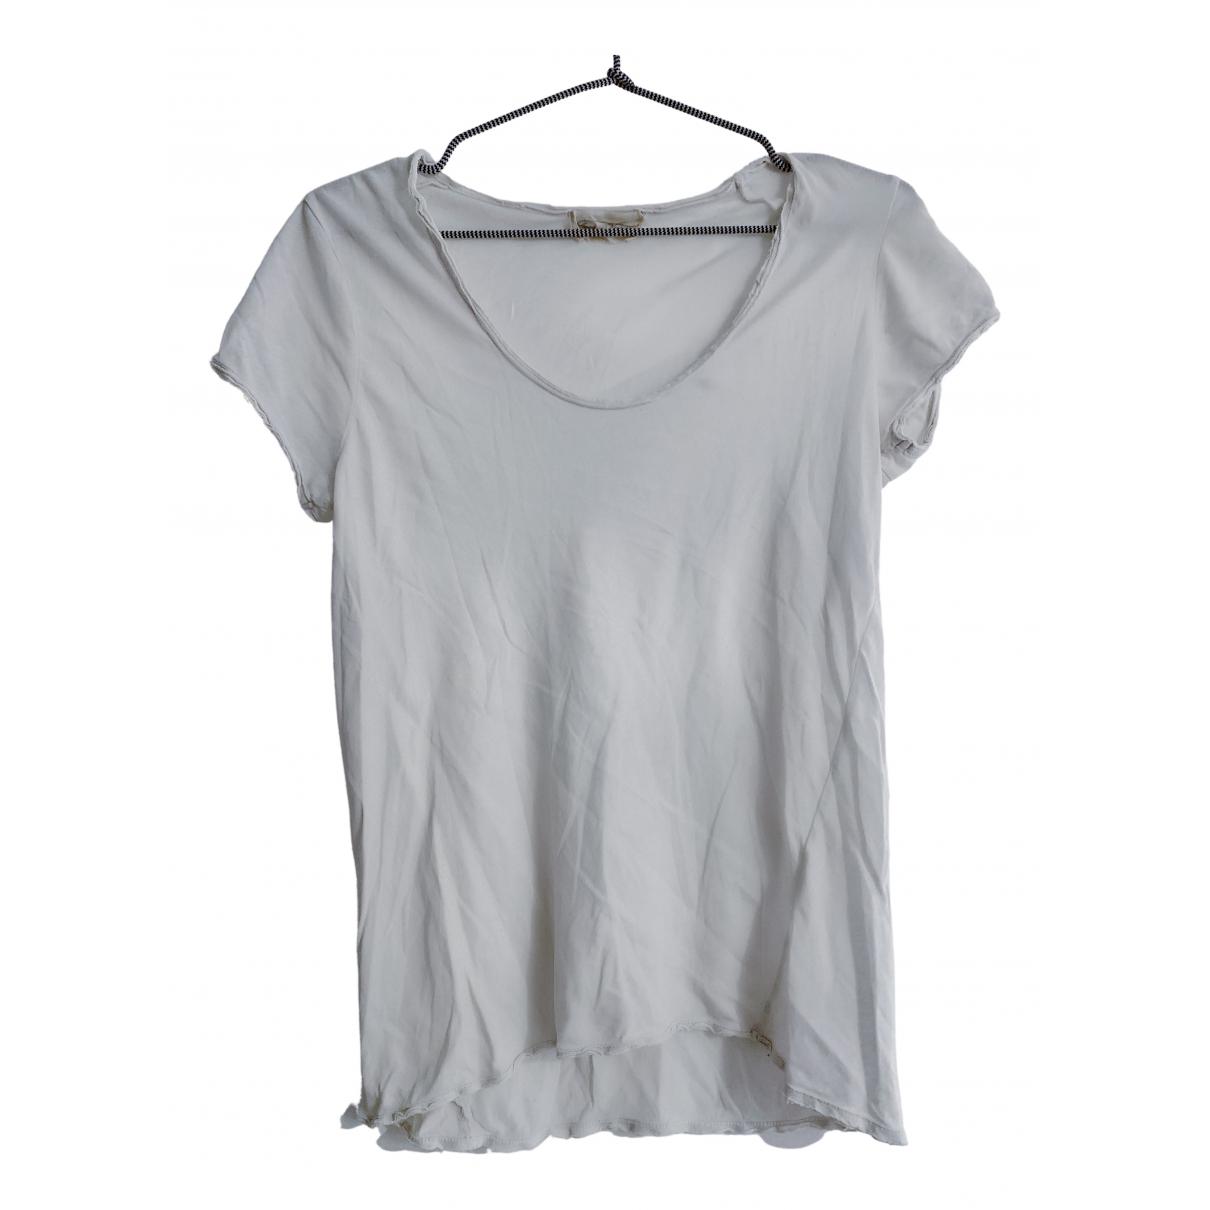 American Vintage - Top   pour femme en coton - blanc